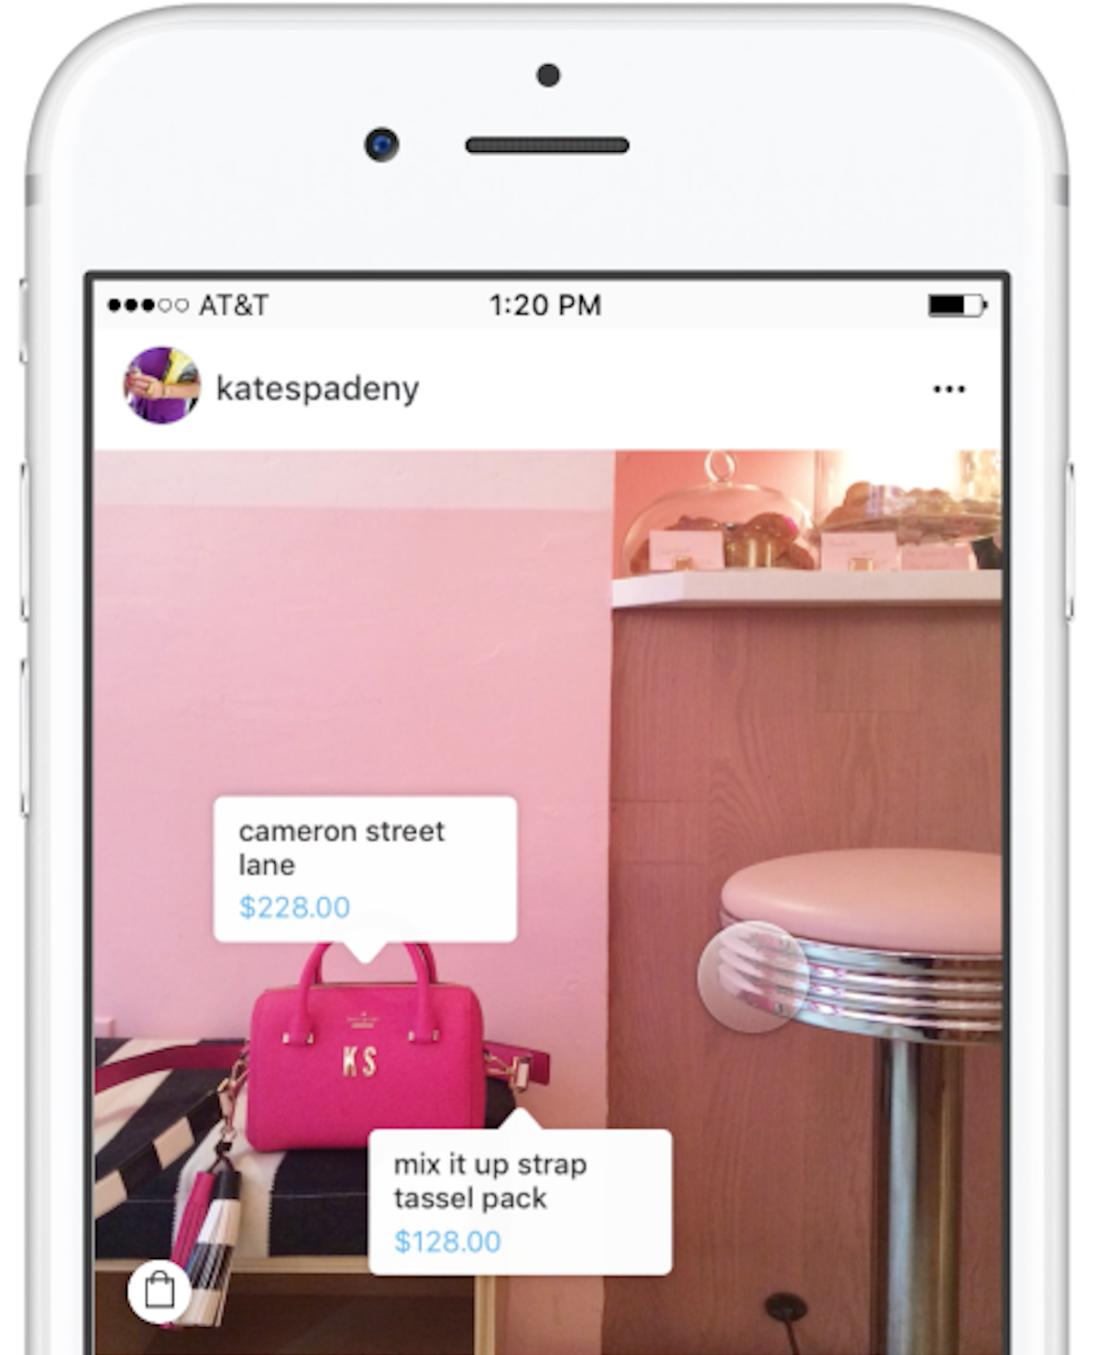 kate spade shoppable Instagram